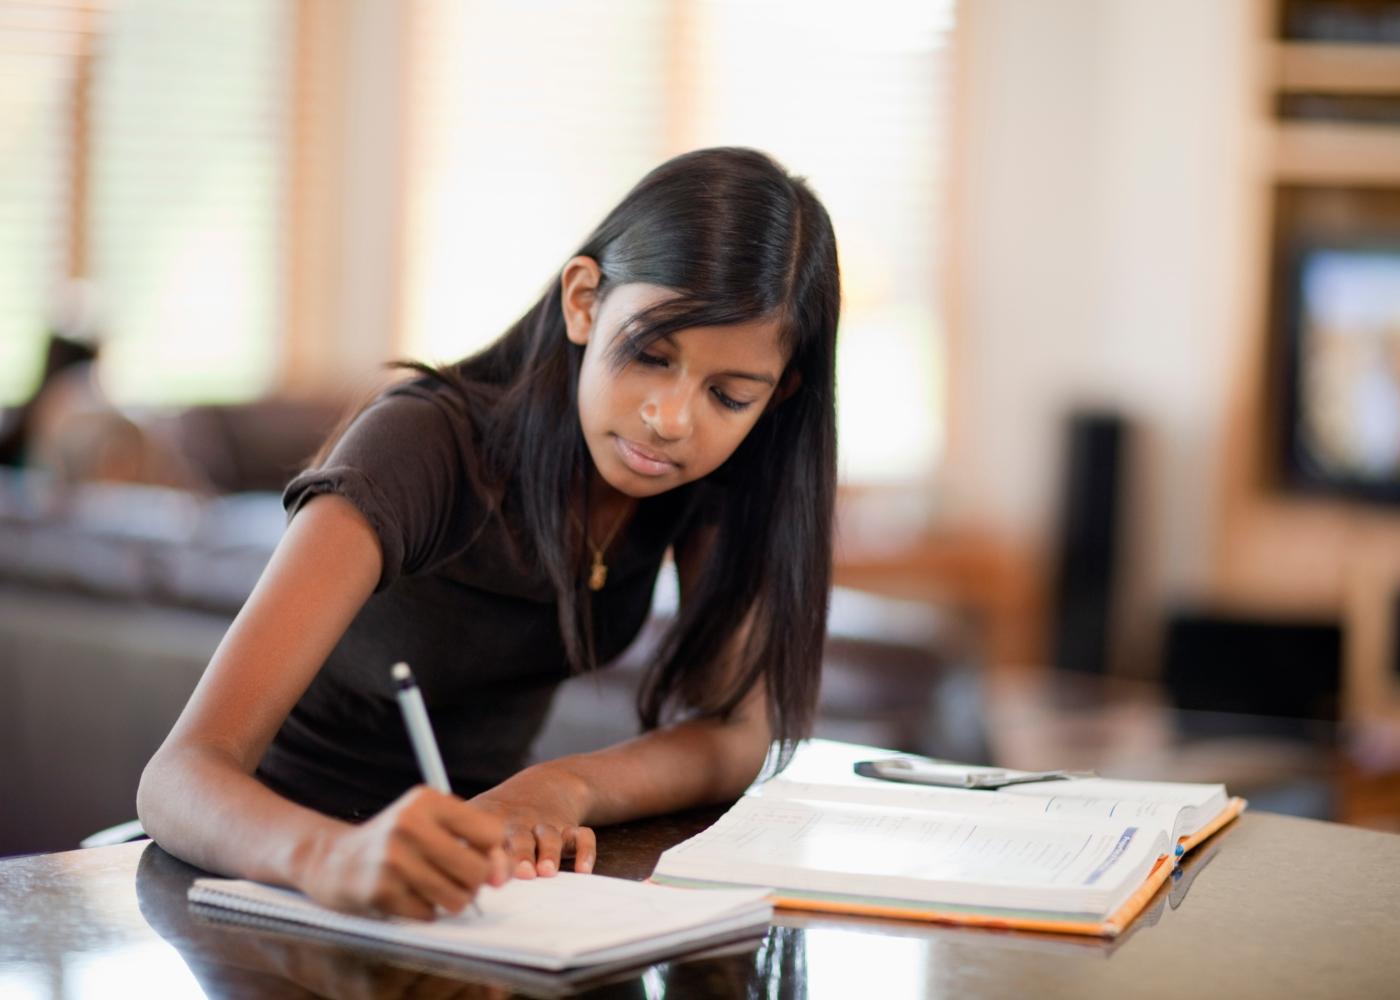 jovem a estudar com manuais escolares gratuitos